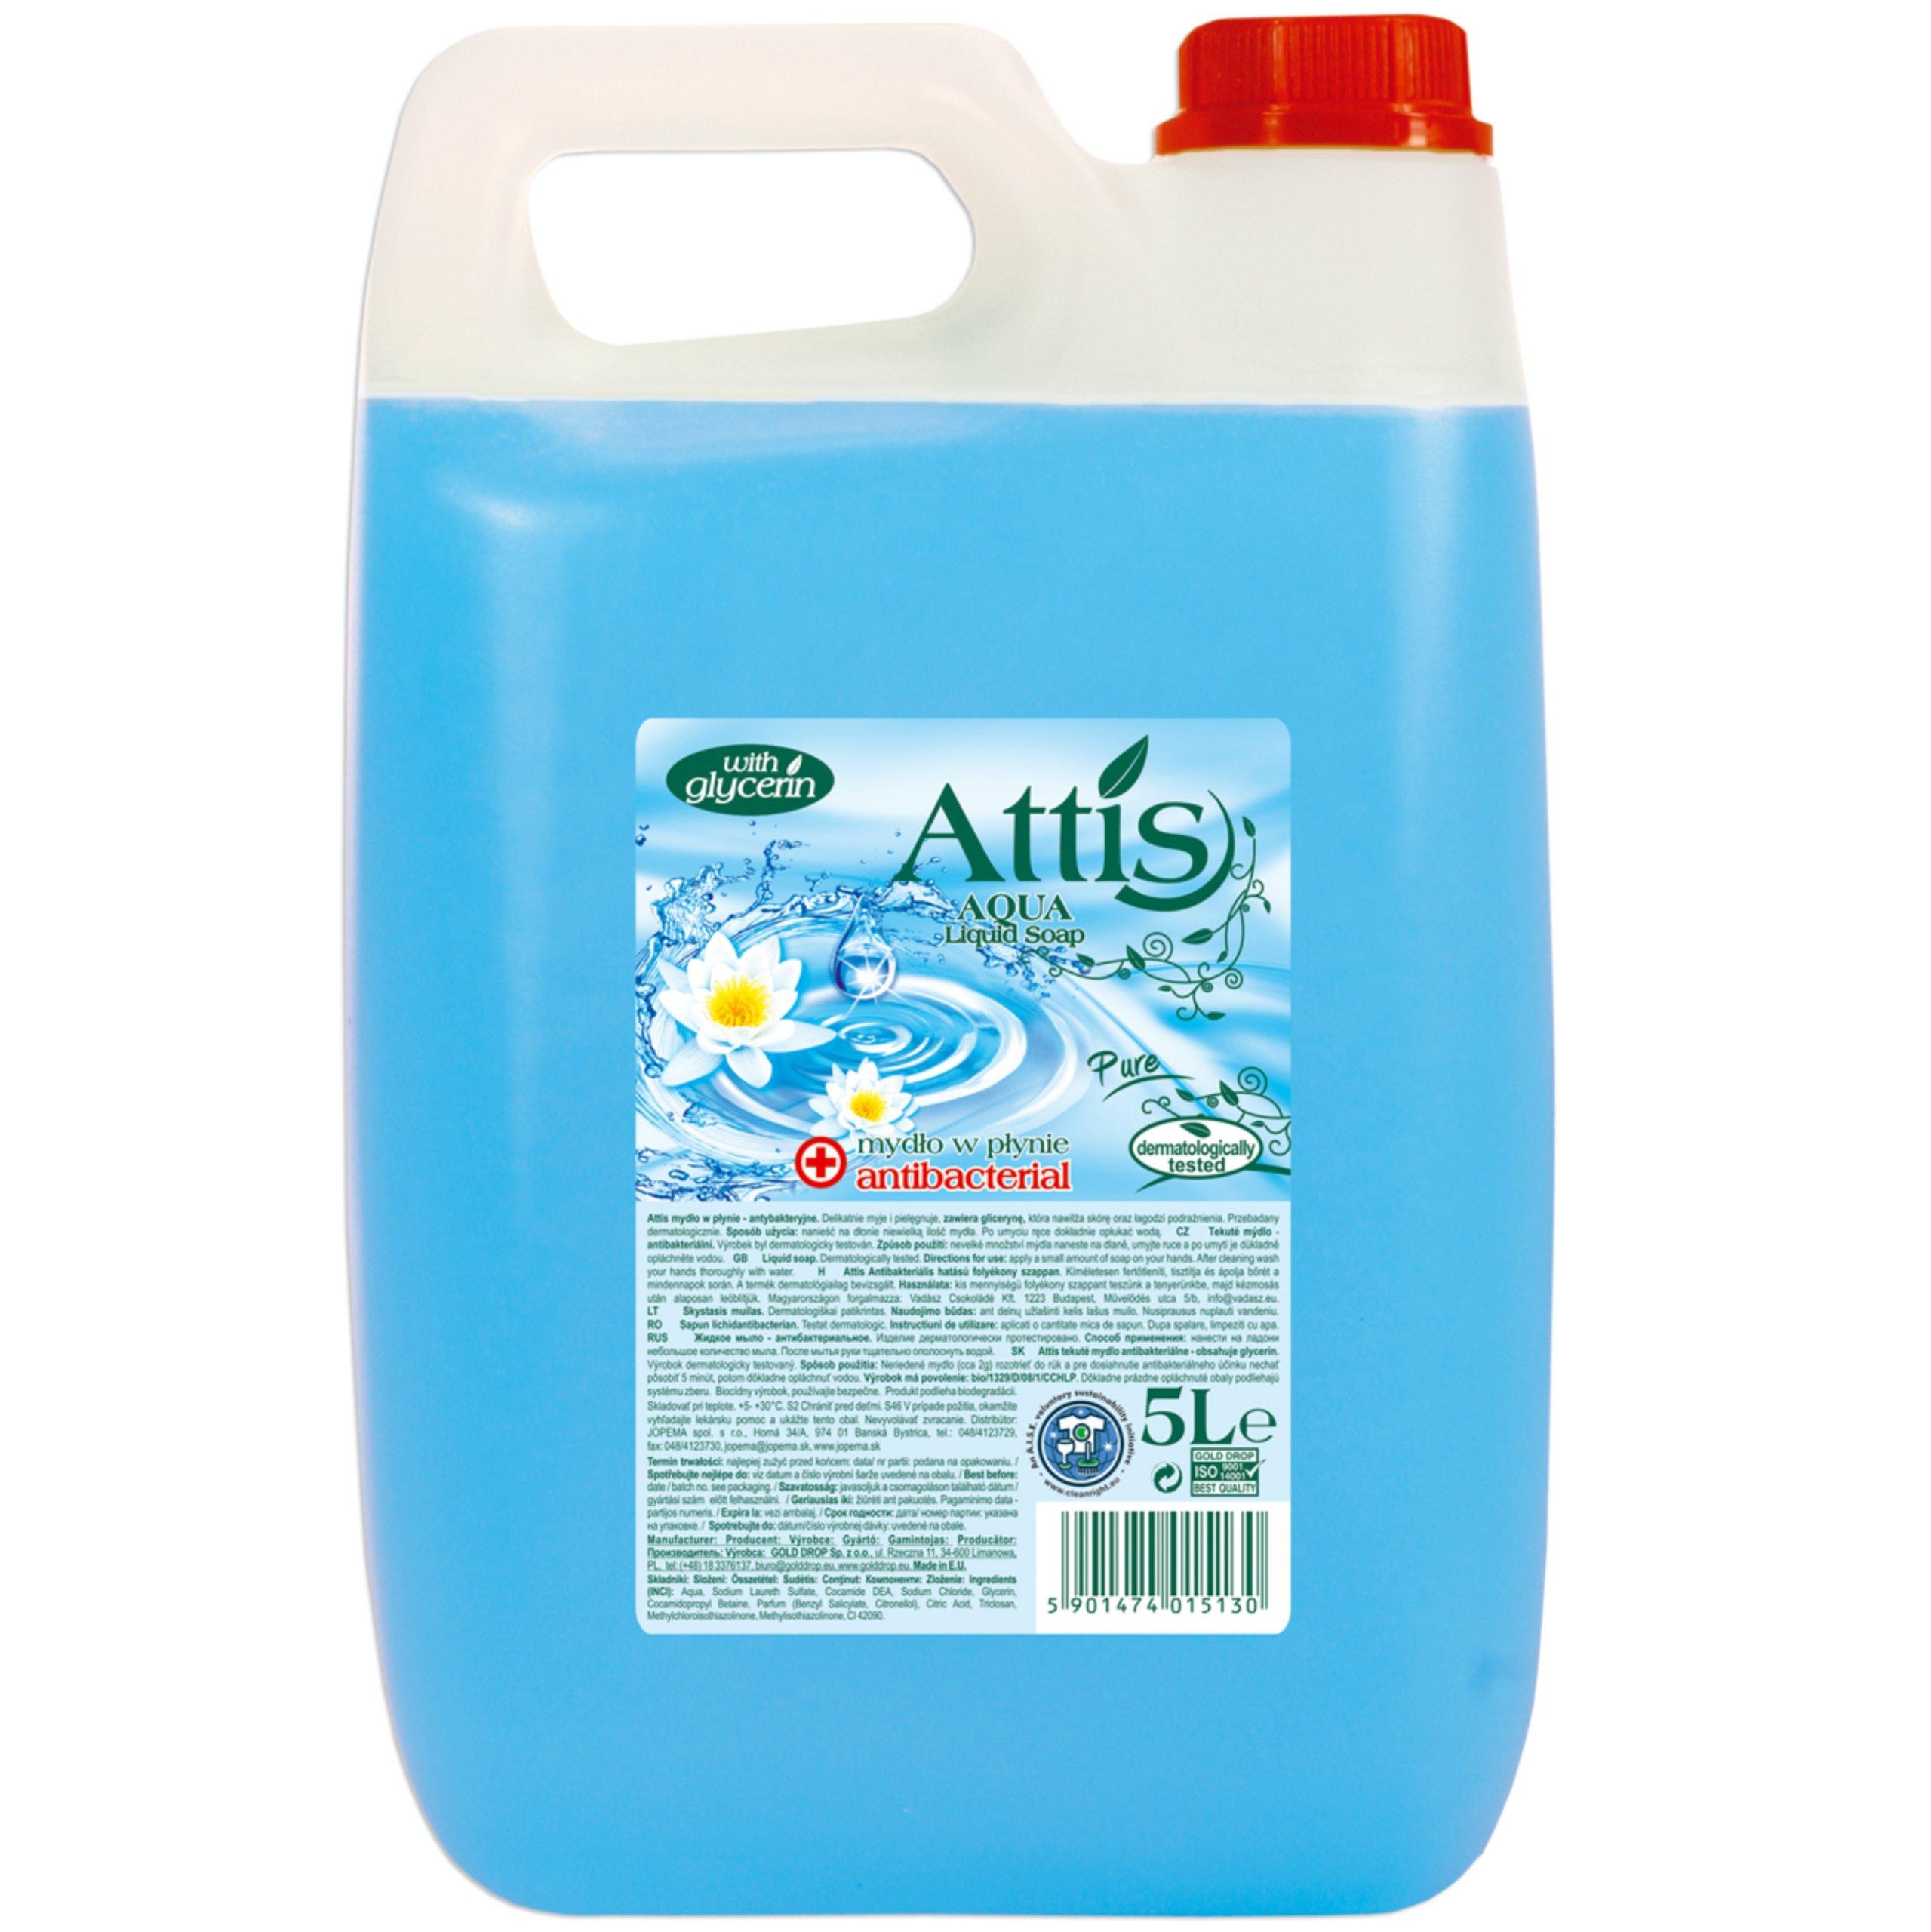 Tekuté mydlo ATTIS Antibakteriálne 5L